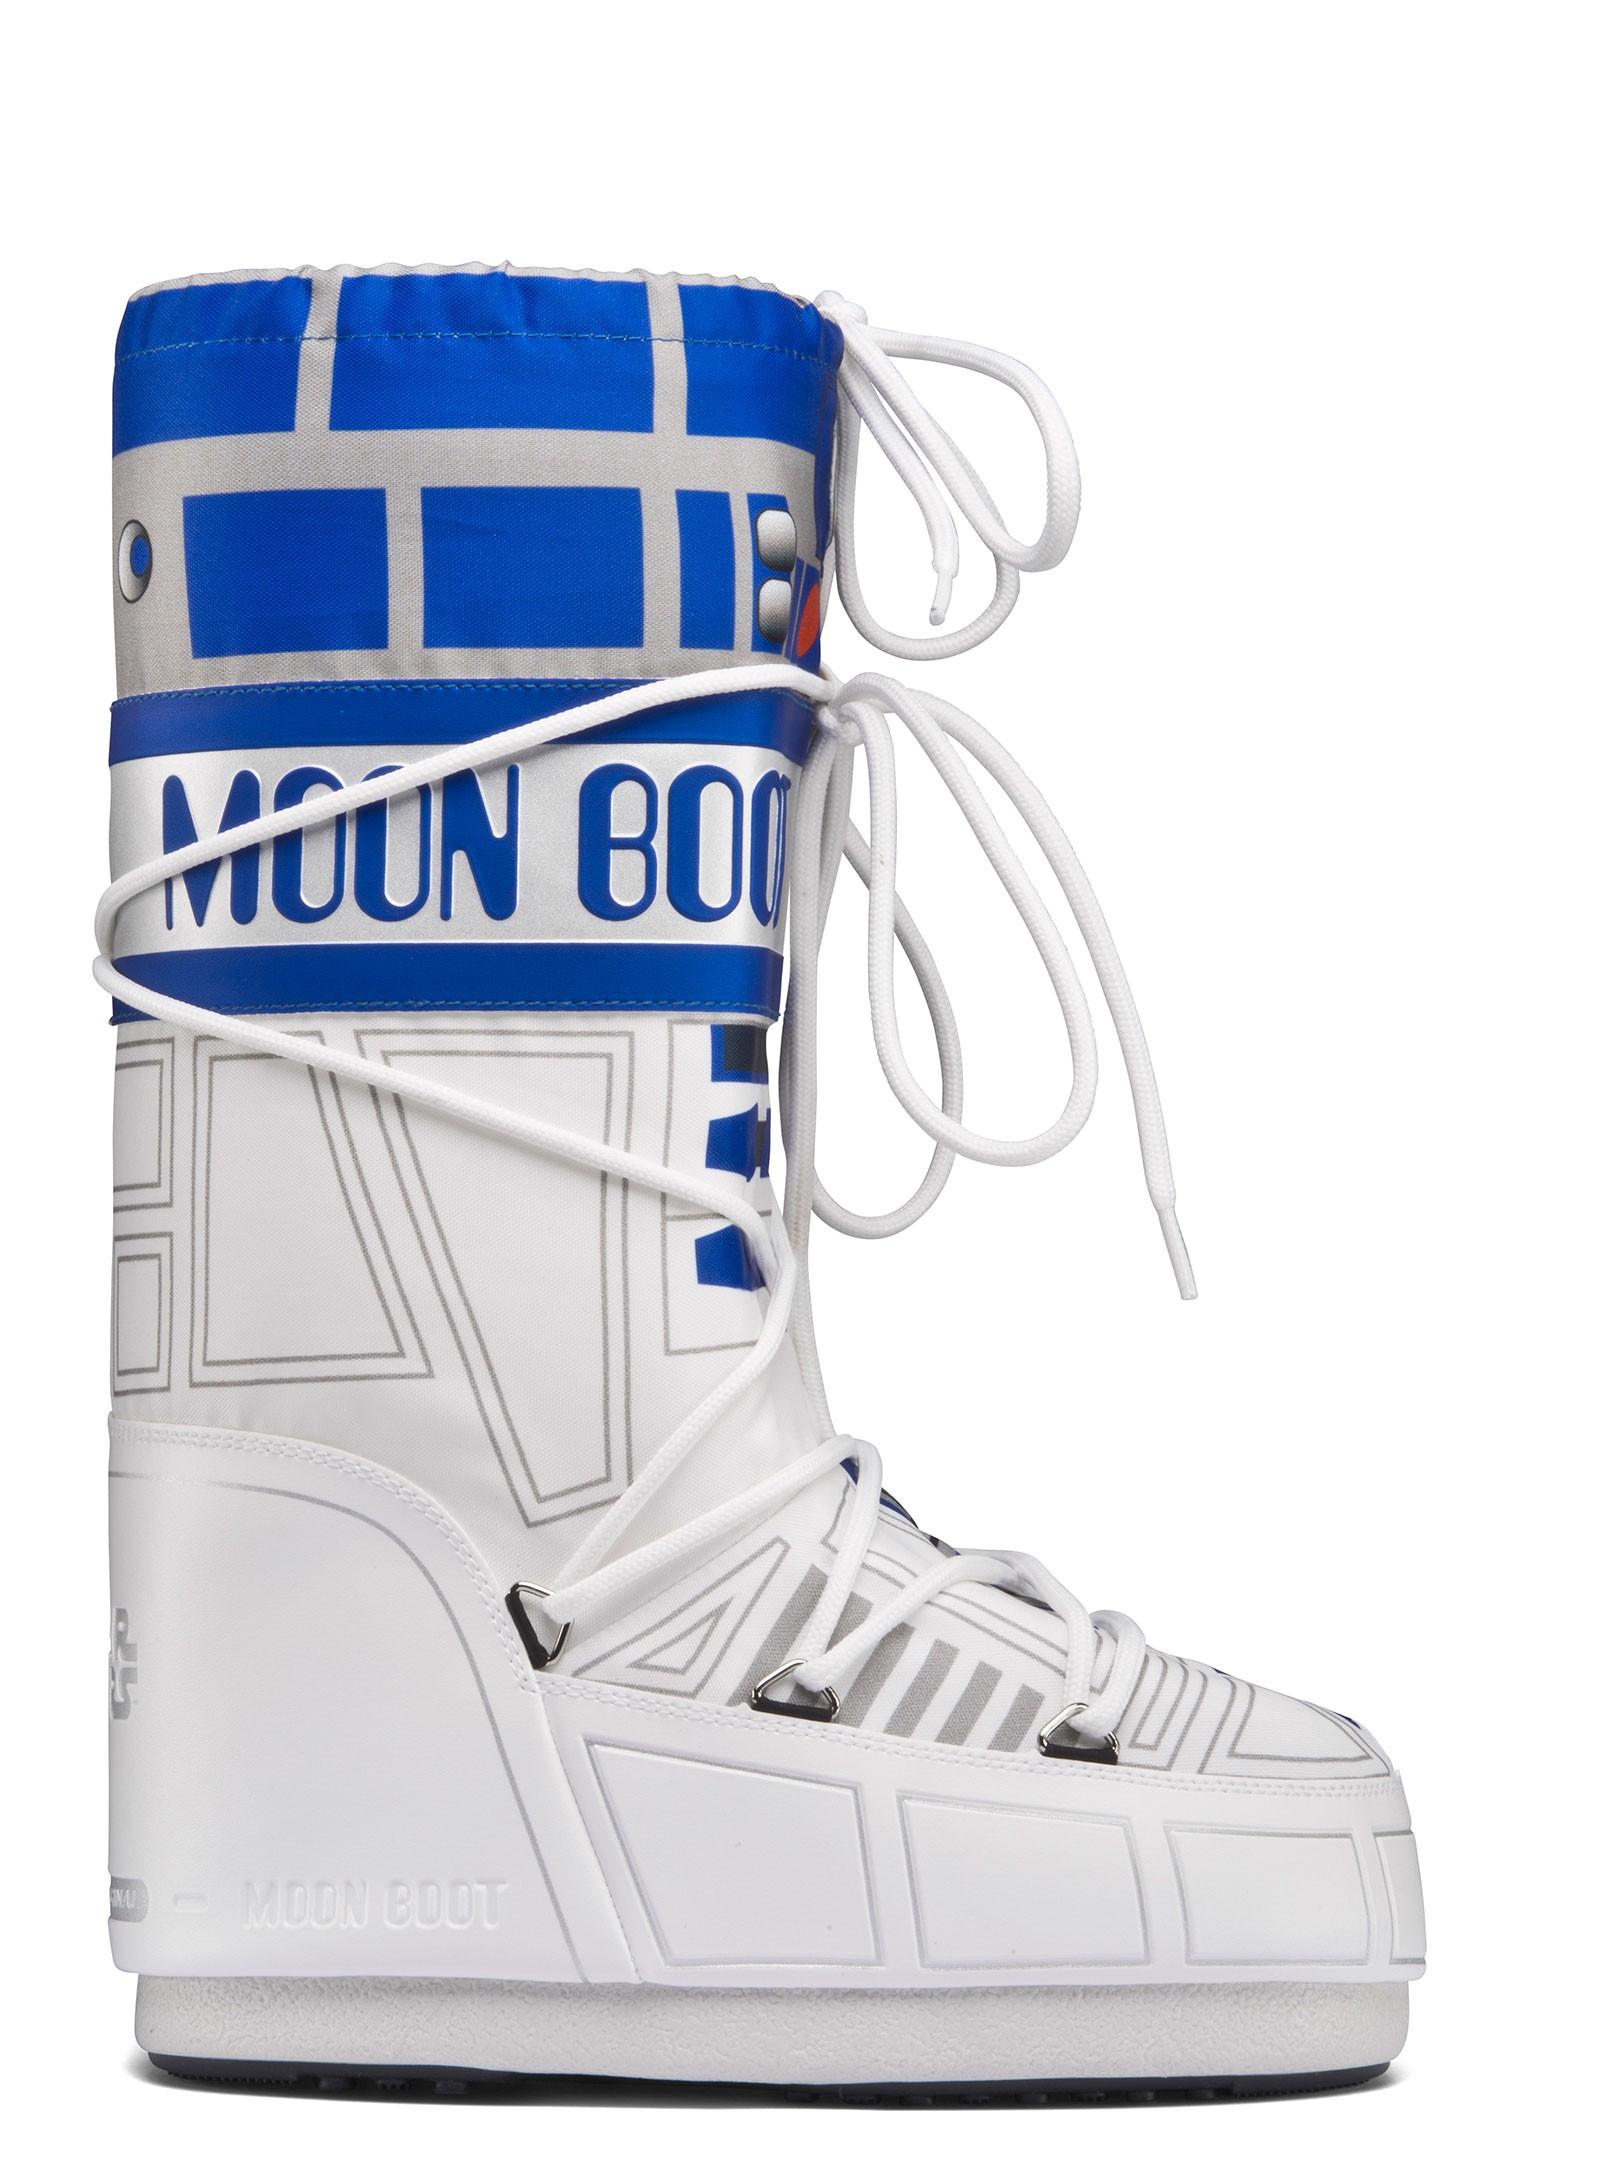 _1600x0r_MOON-BOOT-SW-R2-D2_white-blue-silver_14021100001